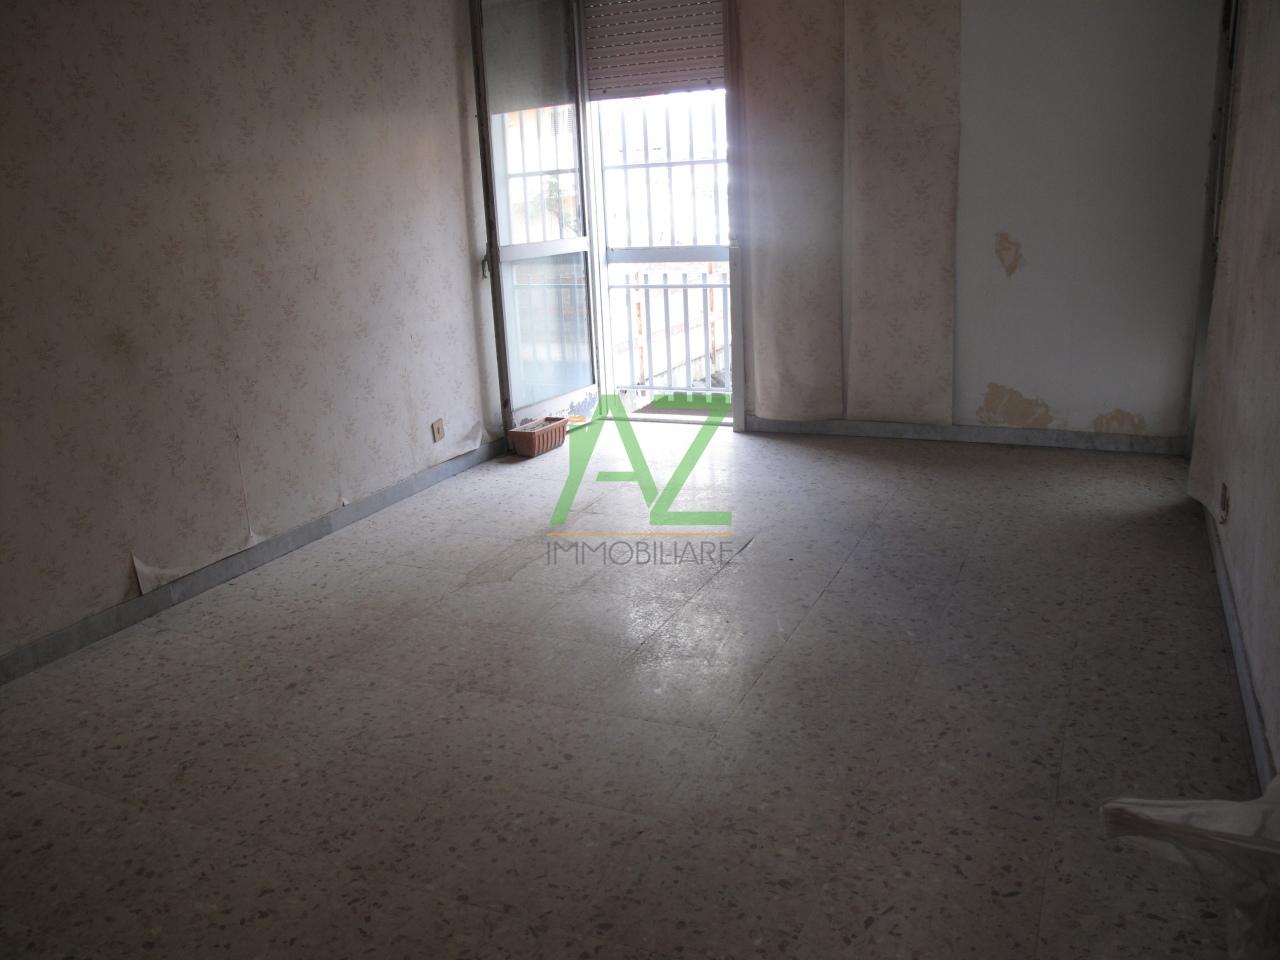 Appartamento in vendita a Misterbianco, 3 locali, prezzo € 79.000 | Cambio Casa.it